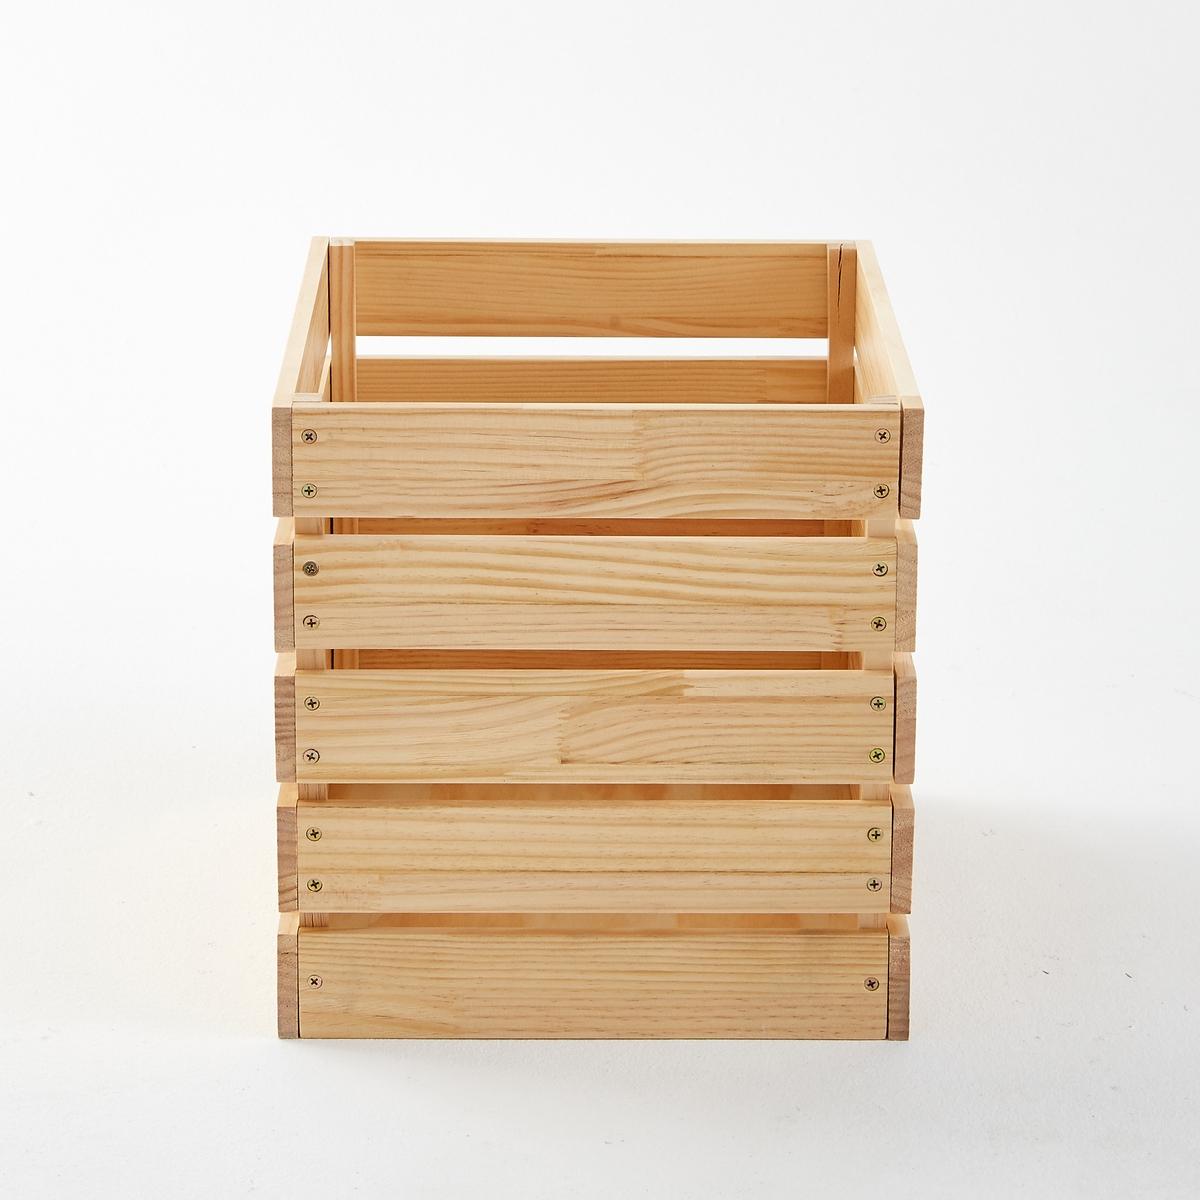 Ящик для вещей из массива сосны, HibaЯщик для вещей из сосны, Hiba . Декоративный и практичный ящик для хранения любых вещей сочетается с другими моделями для ванной и кухни от Hiba . Прекрасно подойдет для зала, спальни и любой другой комнаты в доме . Характеристики ящика для вещей из сосны, Hiba :Сосновые дощечки с масляным покрытием, толщ. 15 мм.Дно из МДФ, толщ. 9 мм .Найдите все ящики для хранения вещей и всю коллекцию Hiba на сайте laredoute.ruРазмеры ящика для вещей из сосны, Hiba  :Общие: Ширина 33,6 см Глубина 38,6 см Высота 35 смВес 3,2 кг Размеры и вес в упаковке :1 упаковка. Длина 41 x Ширина 38,5 x Высота 10,5 cм. 3,9 кг.<br><br>Цвет: серо-бежевый